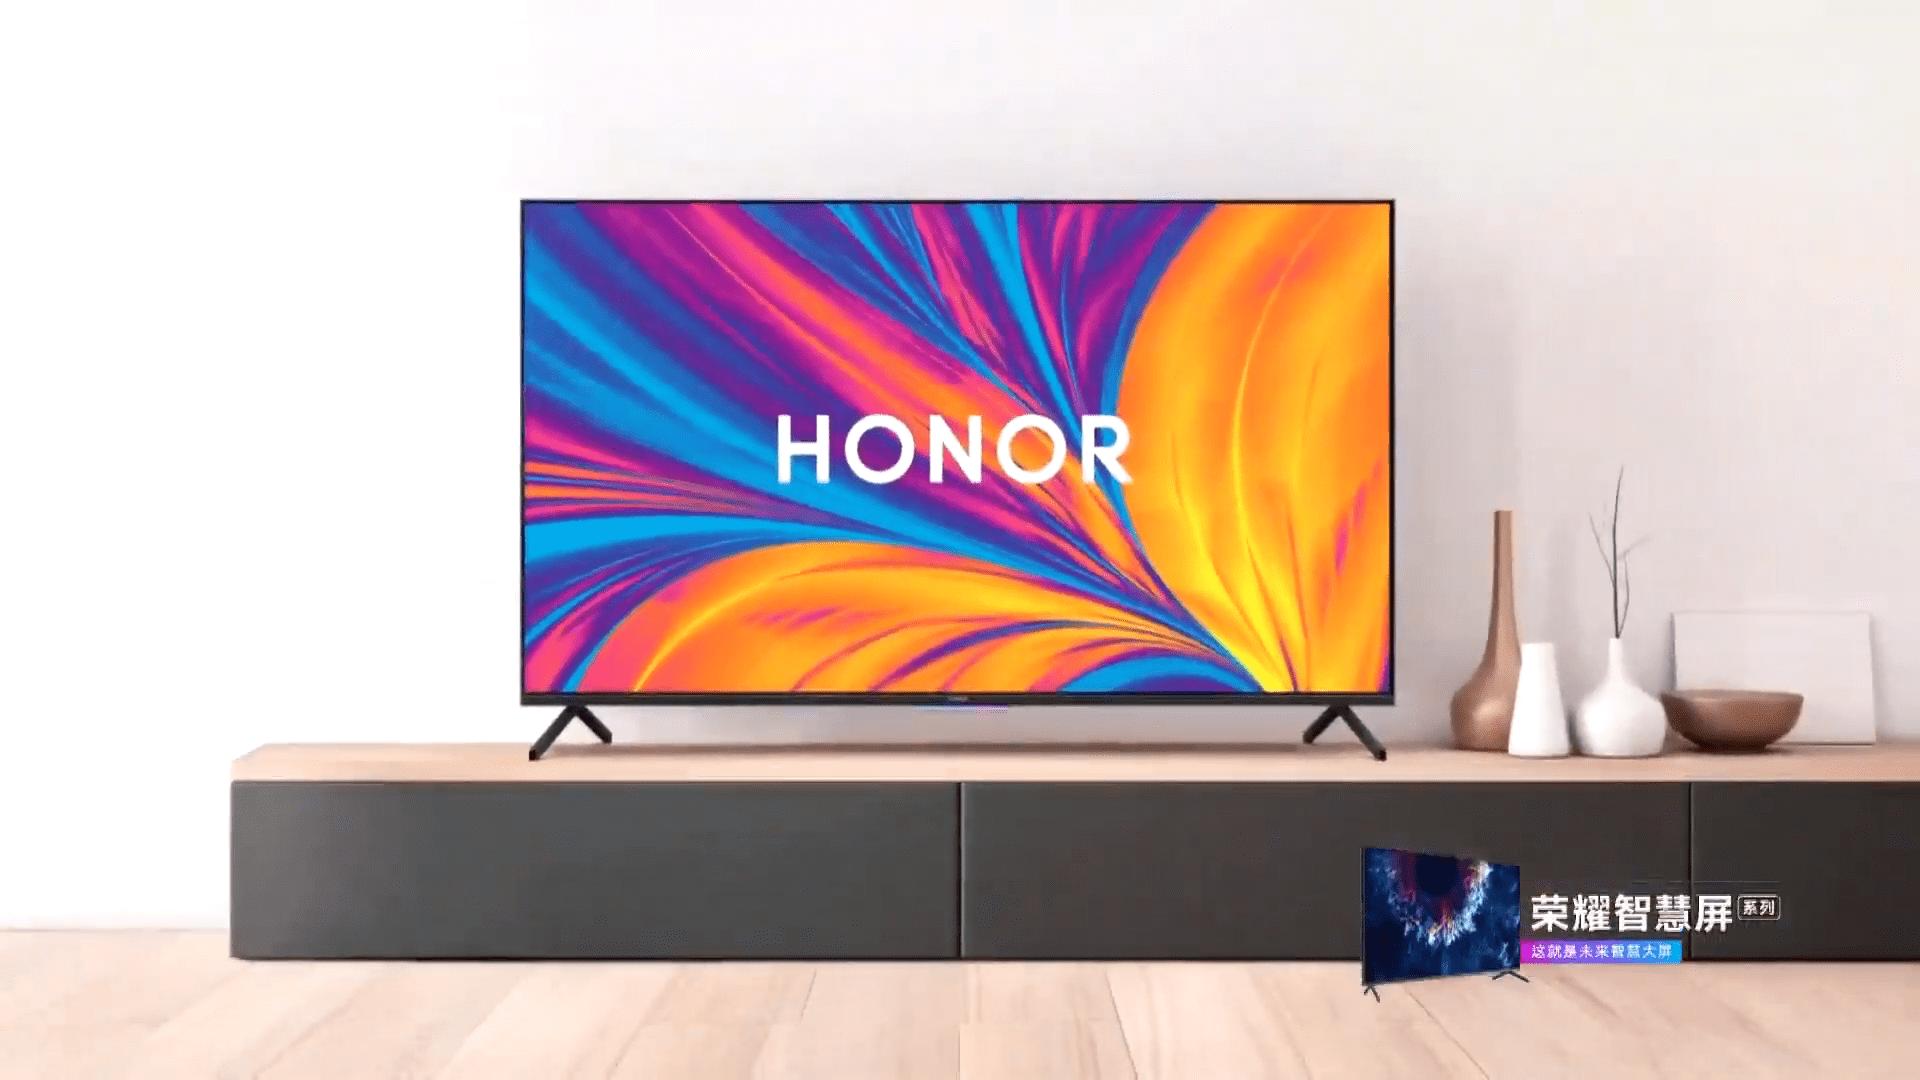 Honor Vision officialisé : l'écran intelligent sous HarmonyOS pour remplacer votre TV